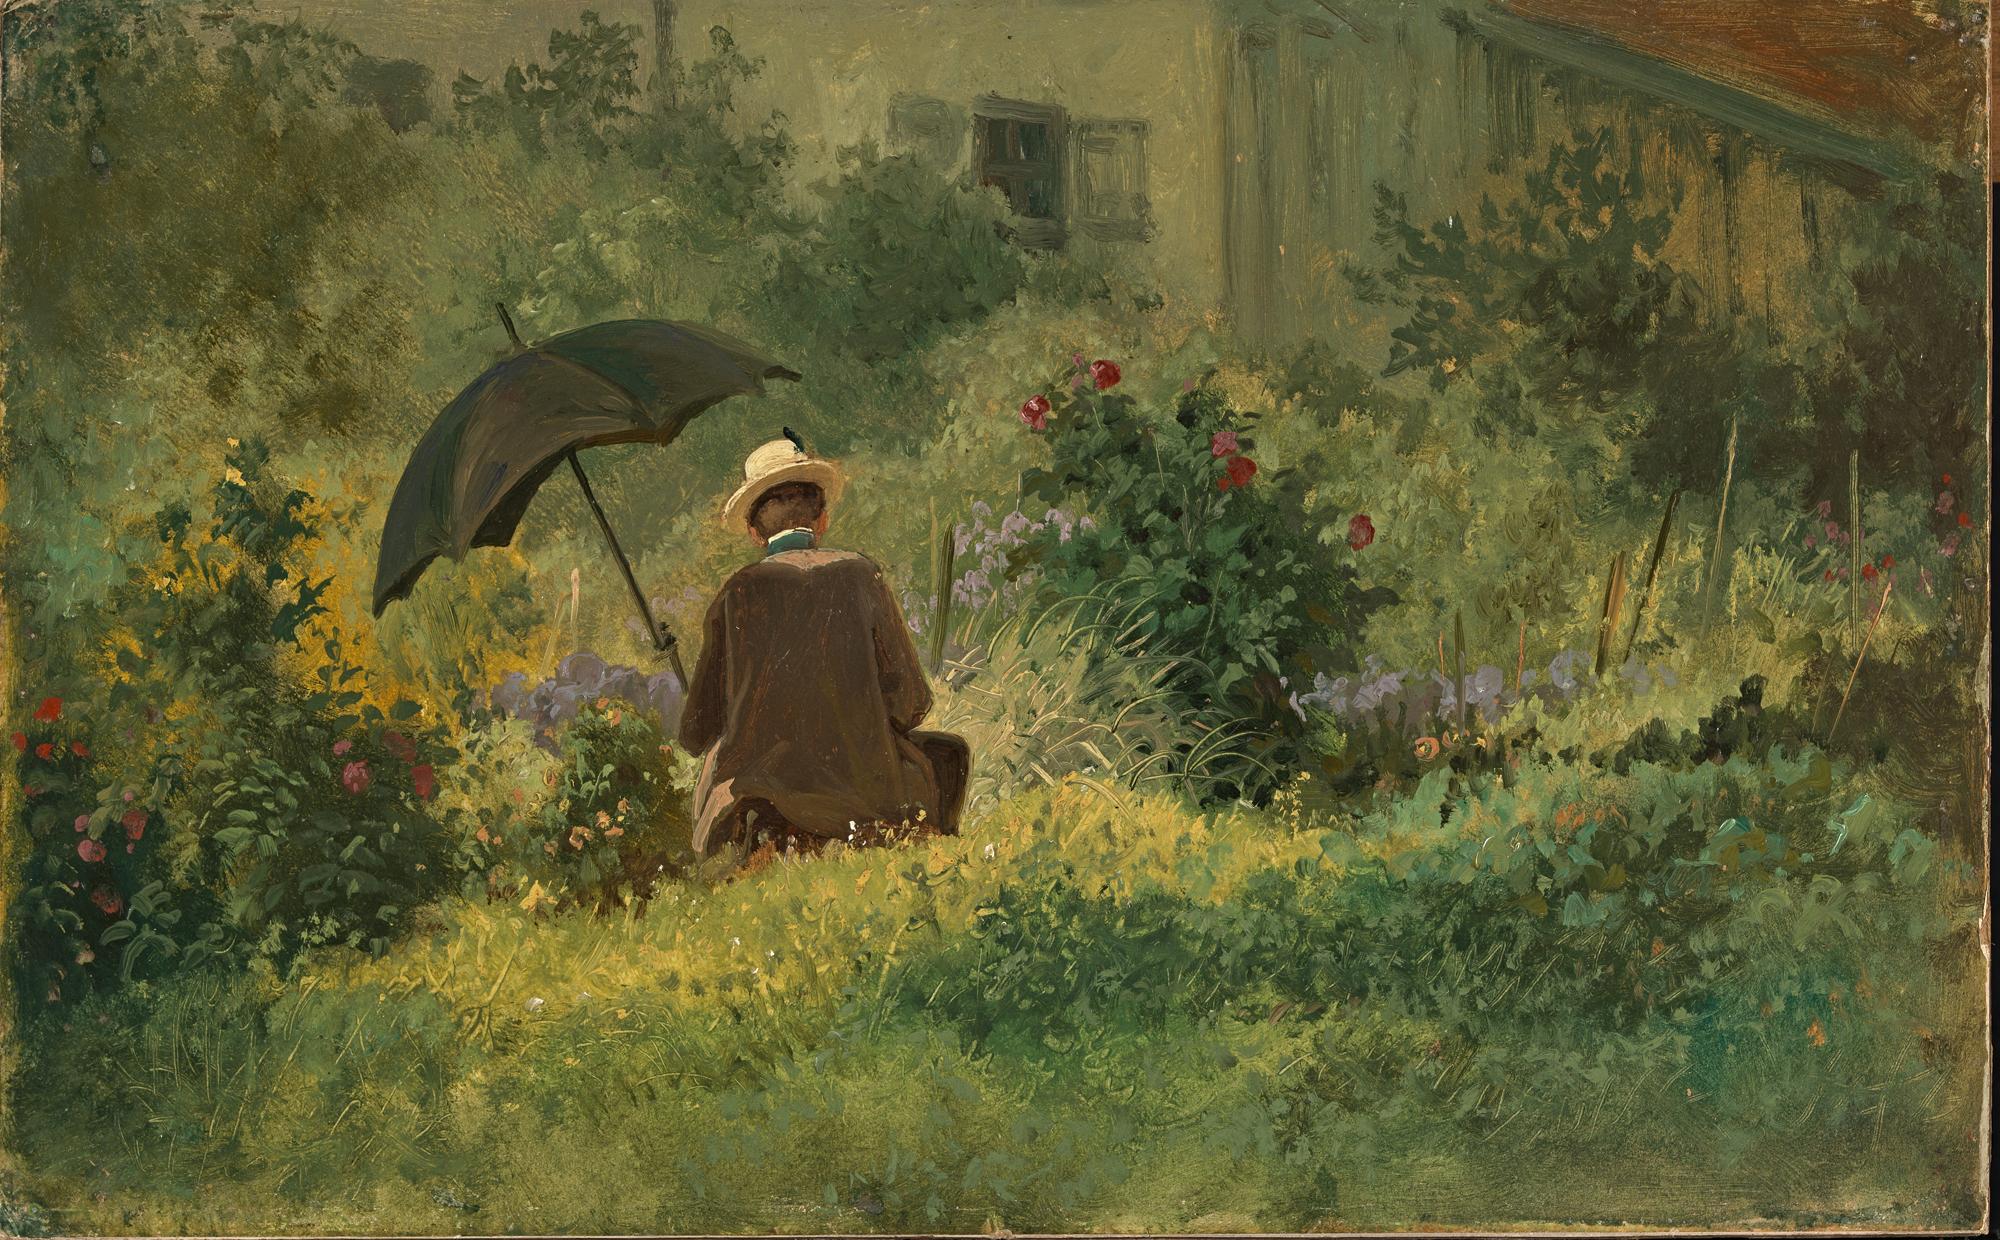 Карл Шпицвег «Художник в саду» (1860-е)